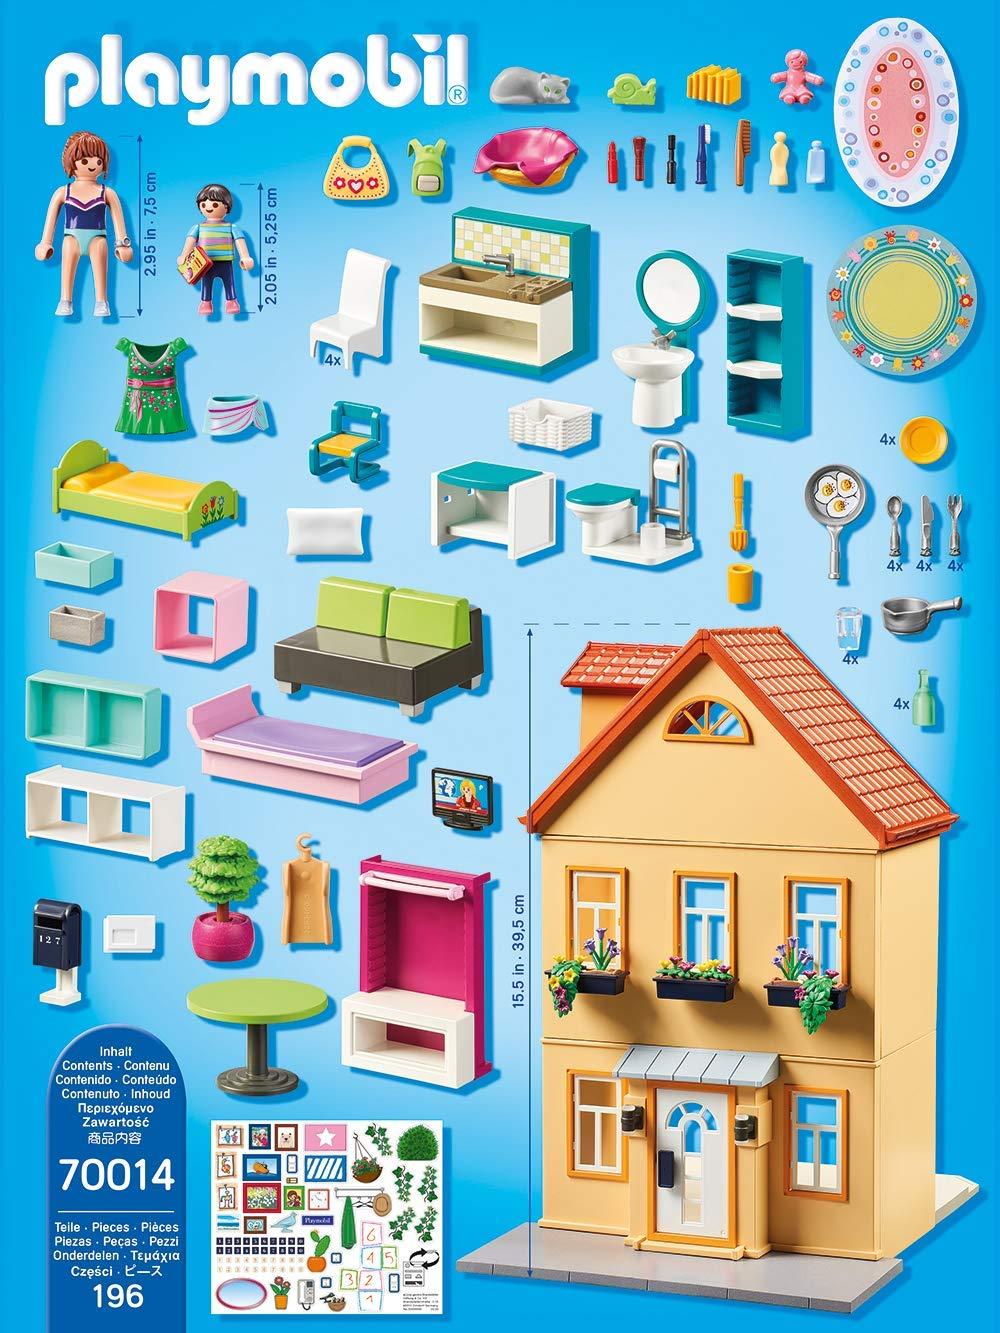 Mi casa de cuidad PLAYMOBIL City Life 70014, contenido incluido